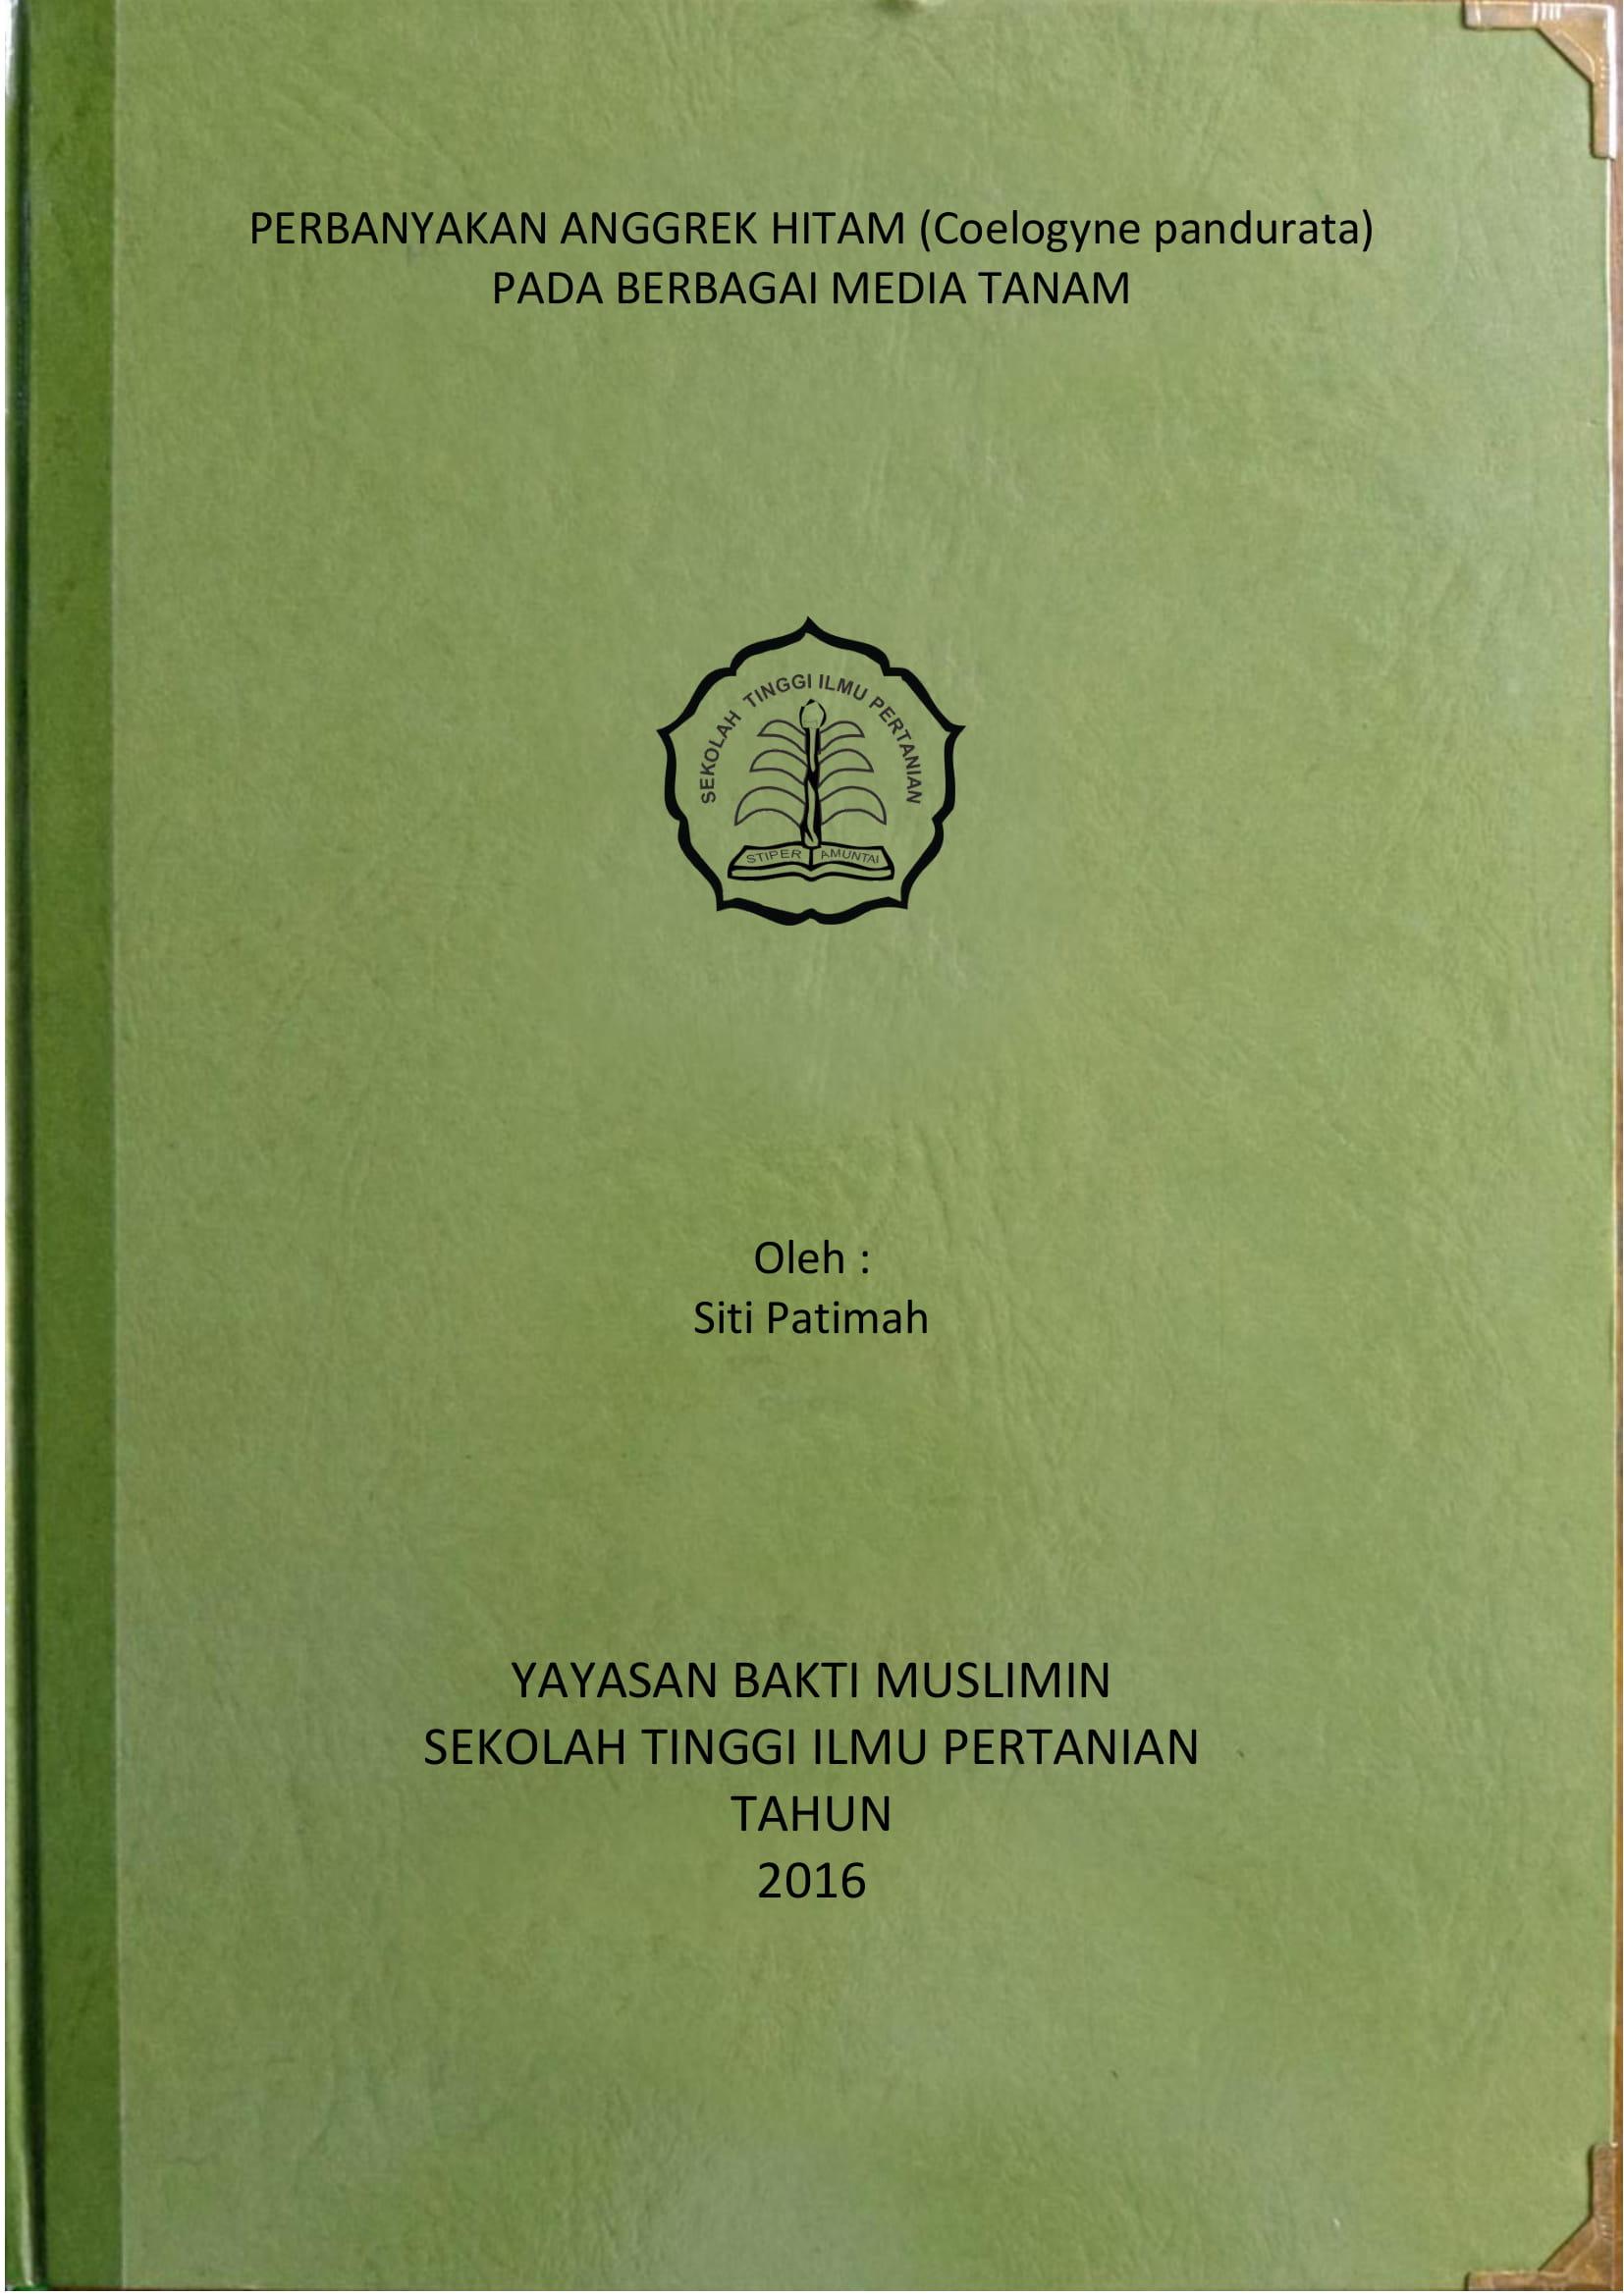 poto-01-67